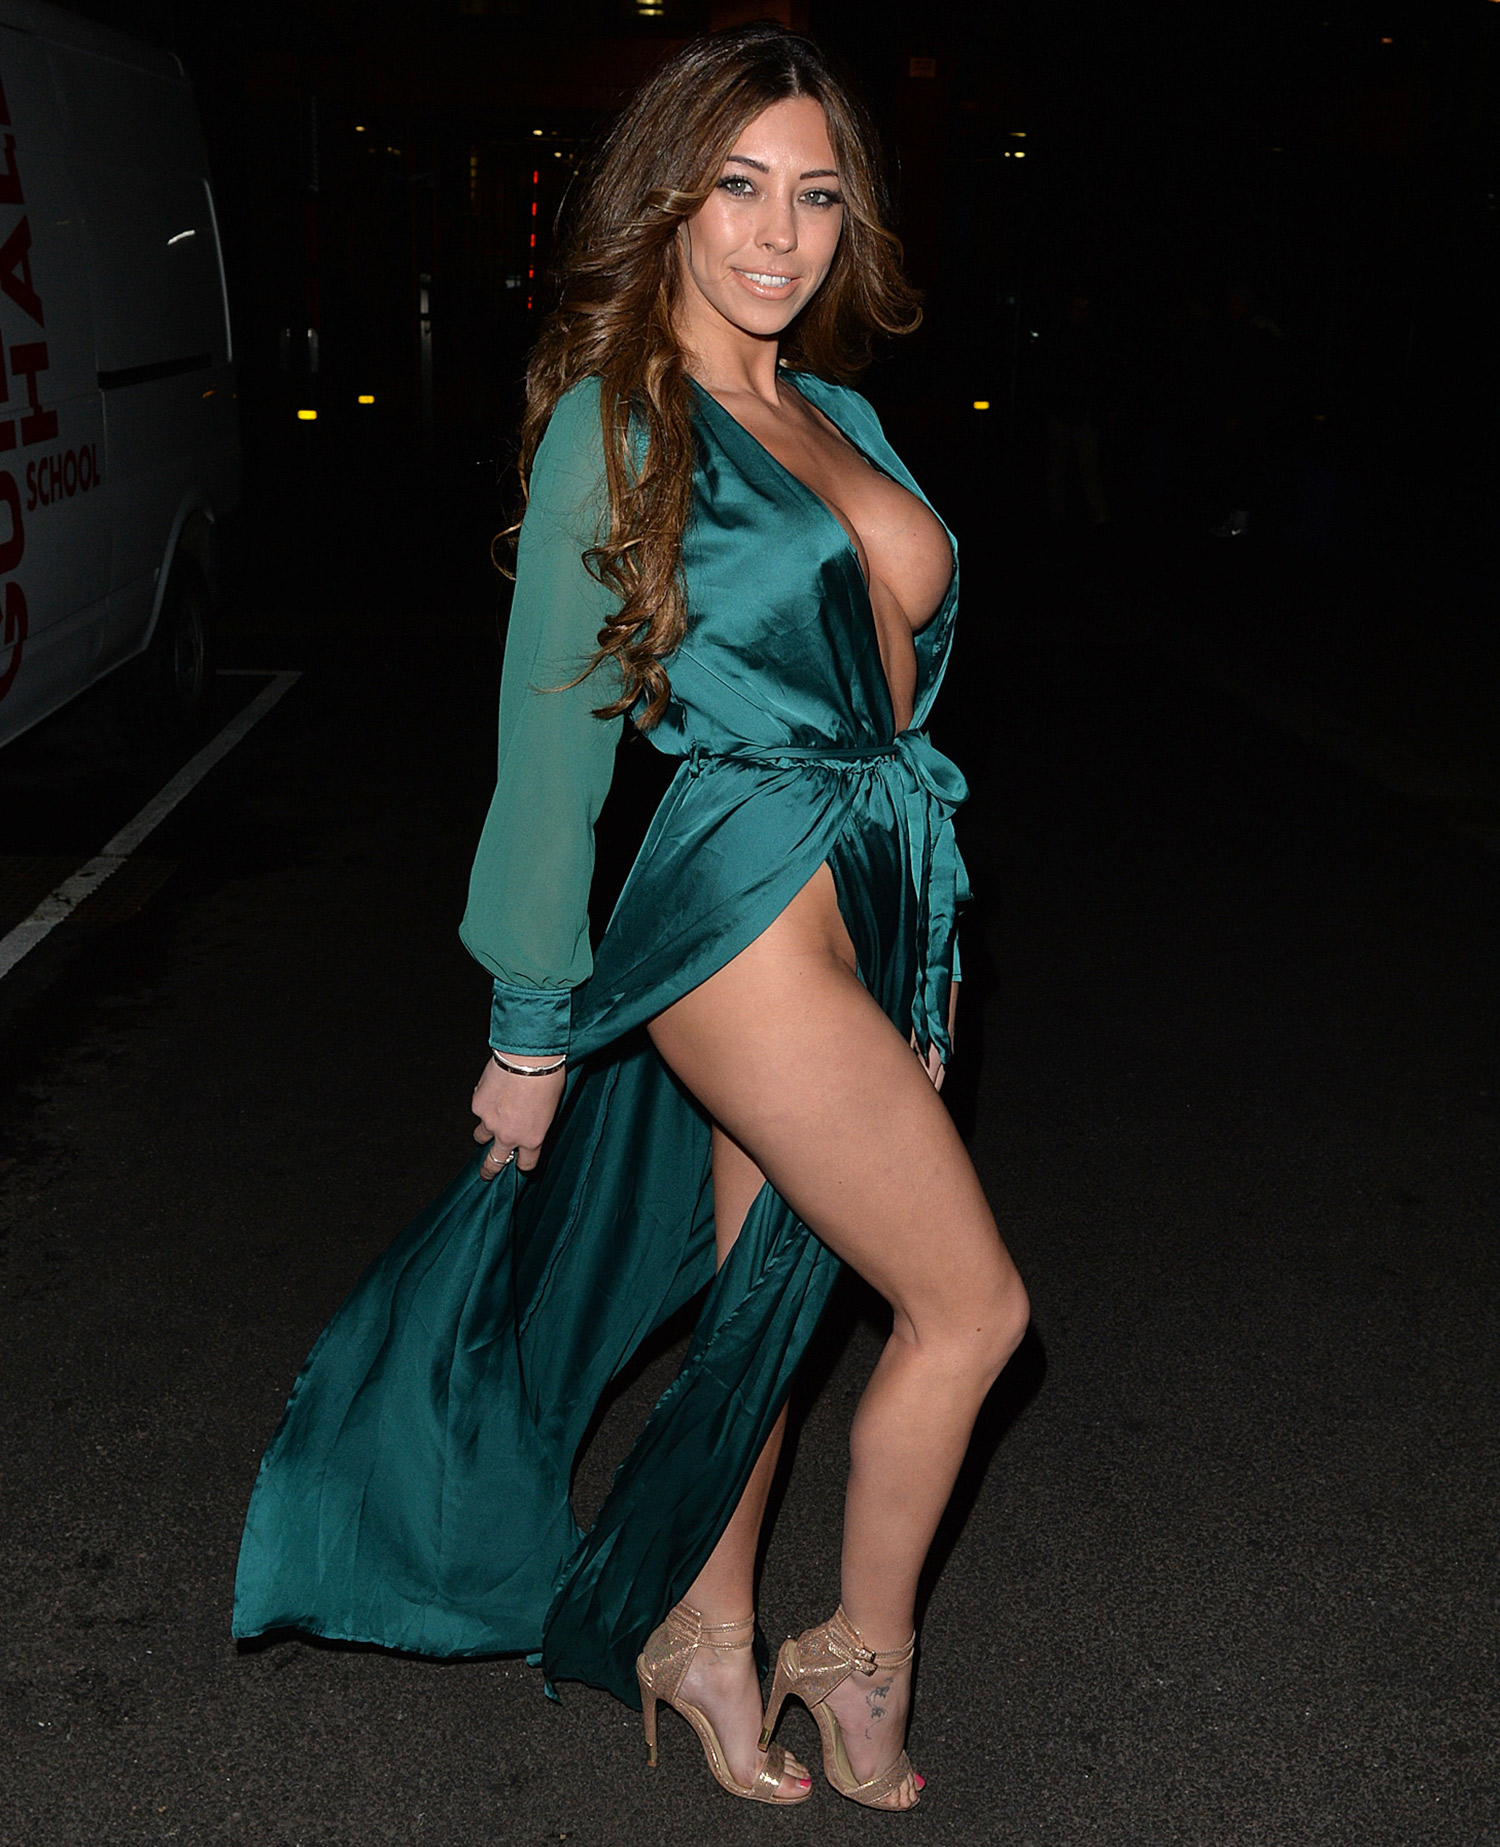 Charlotte Dawson Nip Slip And Pantyless Upskirt In Manchester